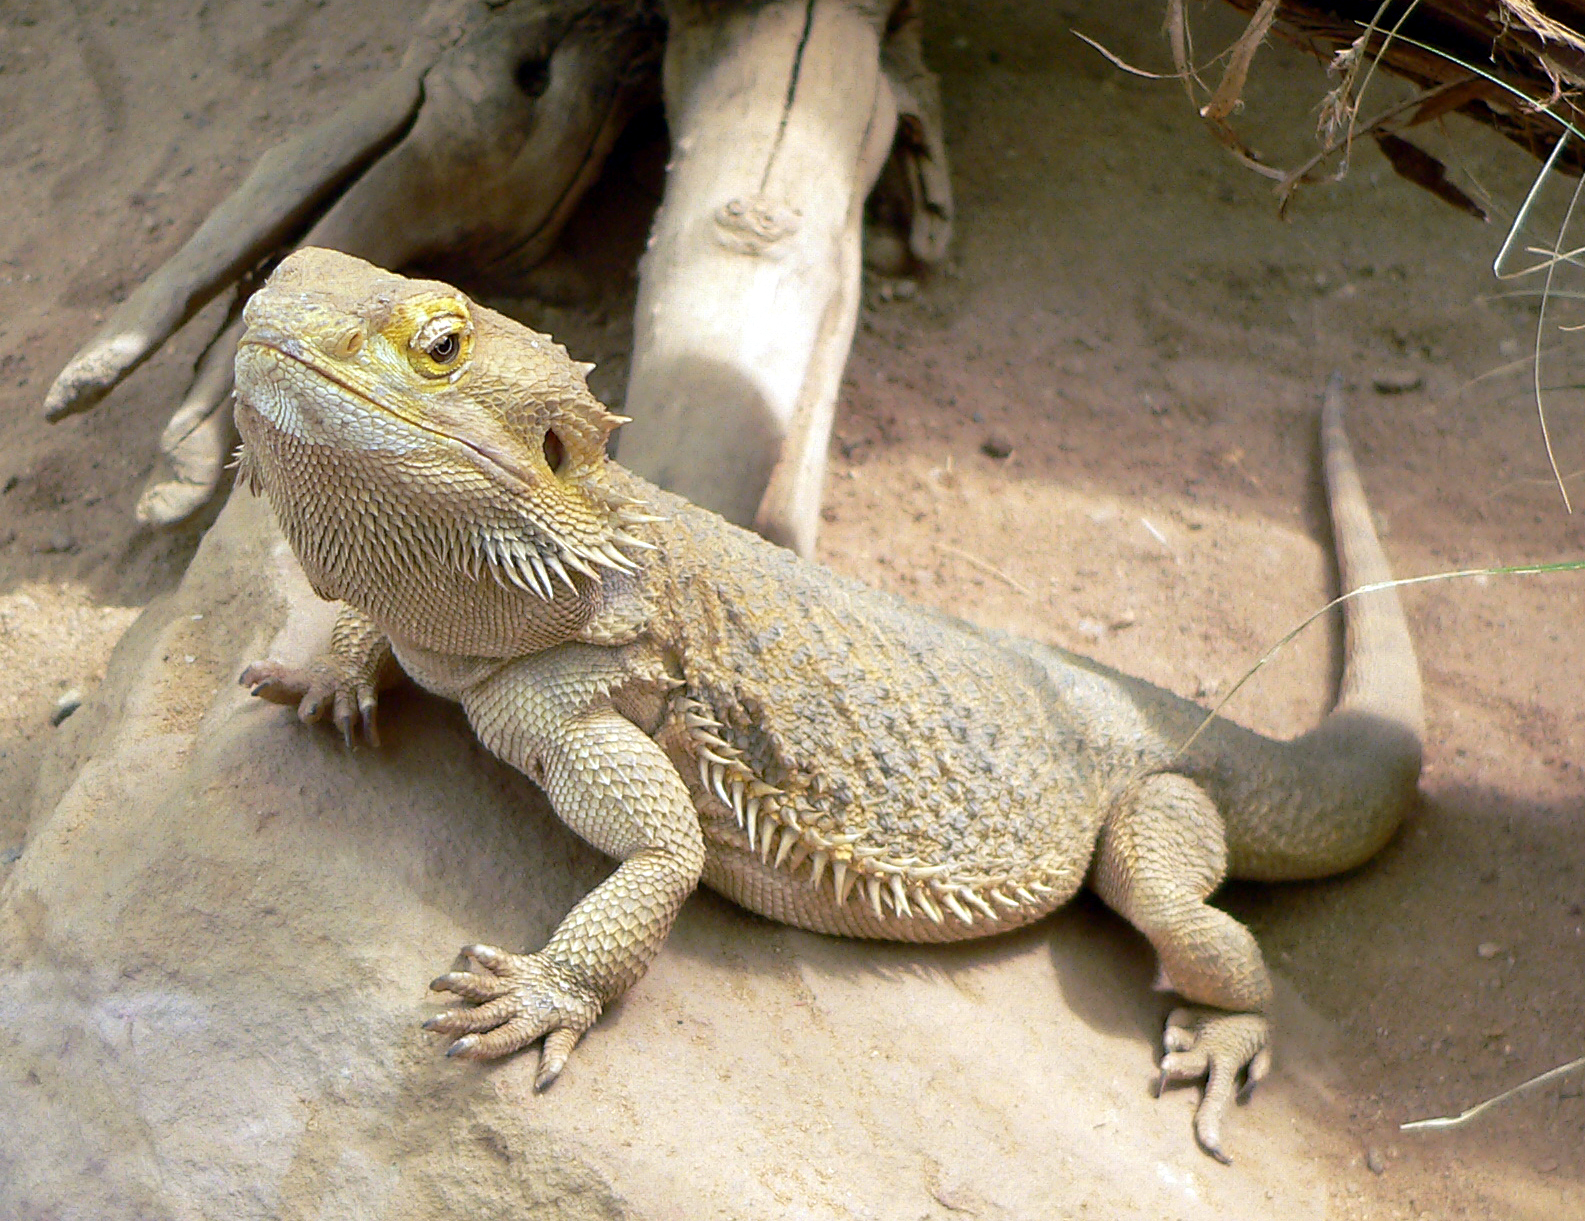 81+ Nama Dan Gambar Hewan Reptil Gratis Terbaik